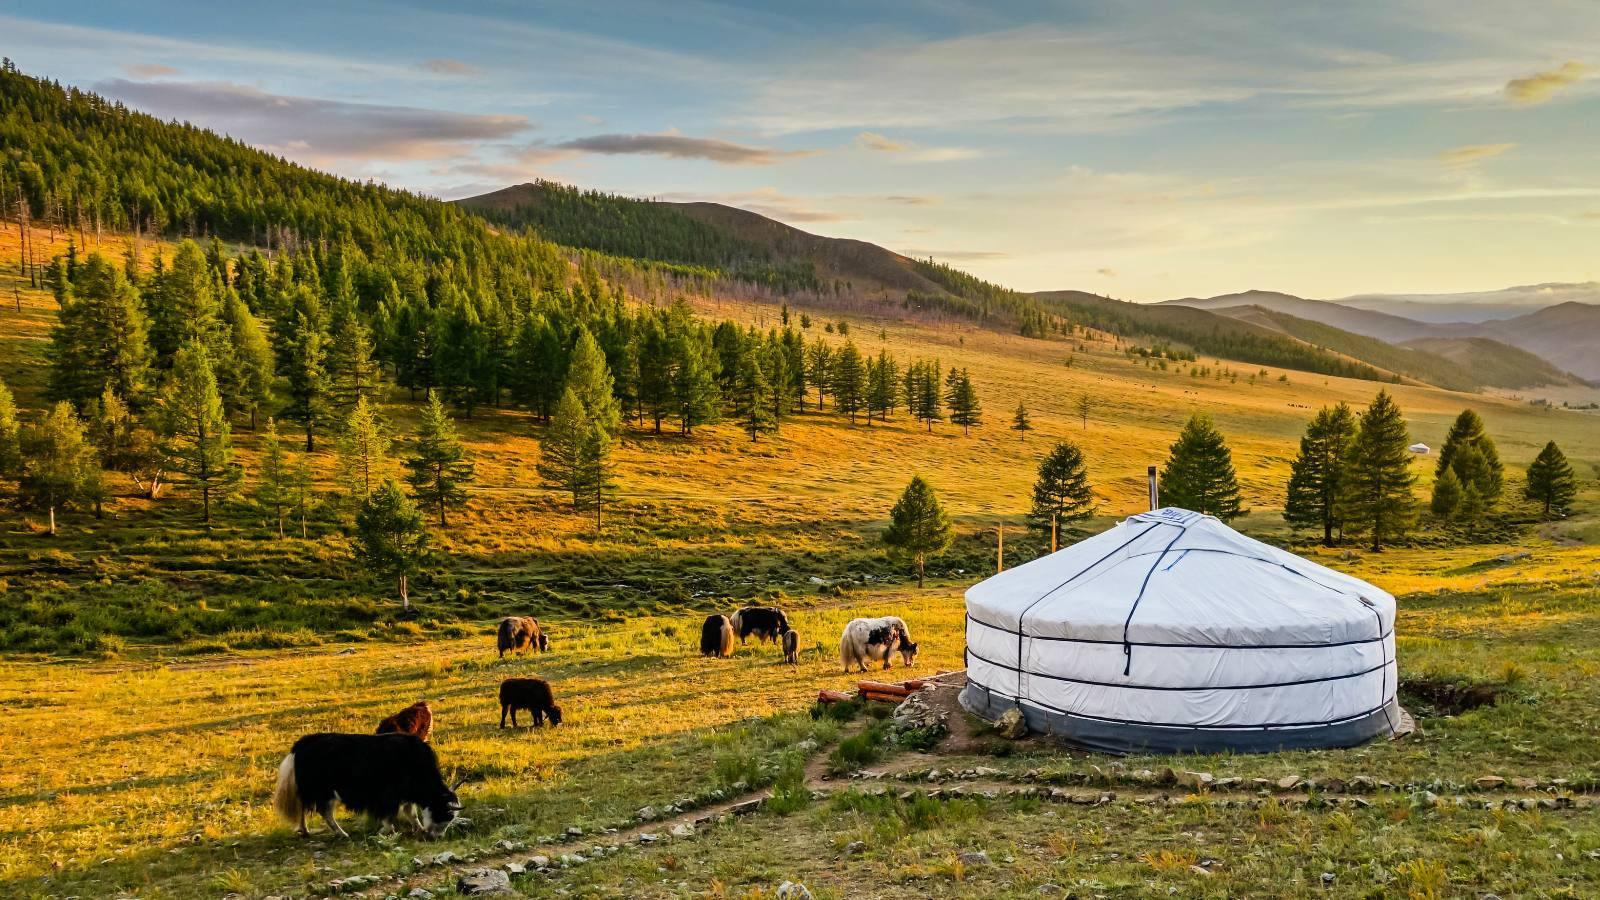 Tổng hợp kinh nghiệm du lịch Mông Cổ mà bạn nên biết trước khi đi